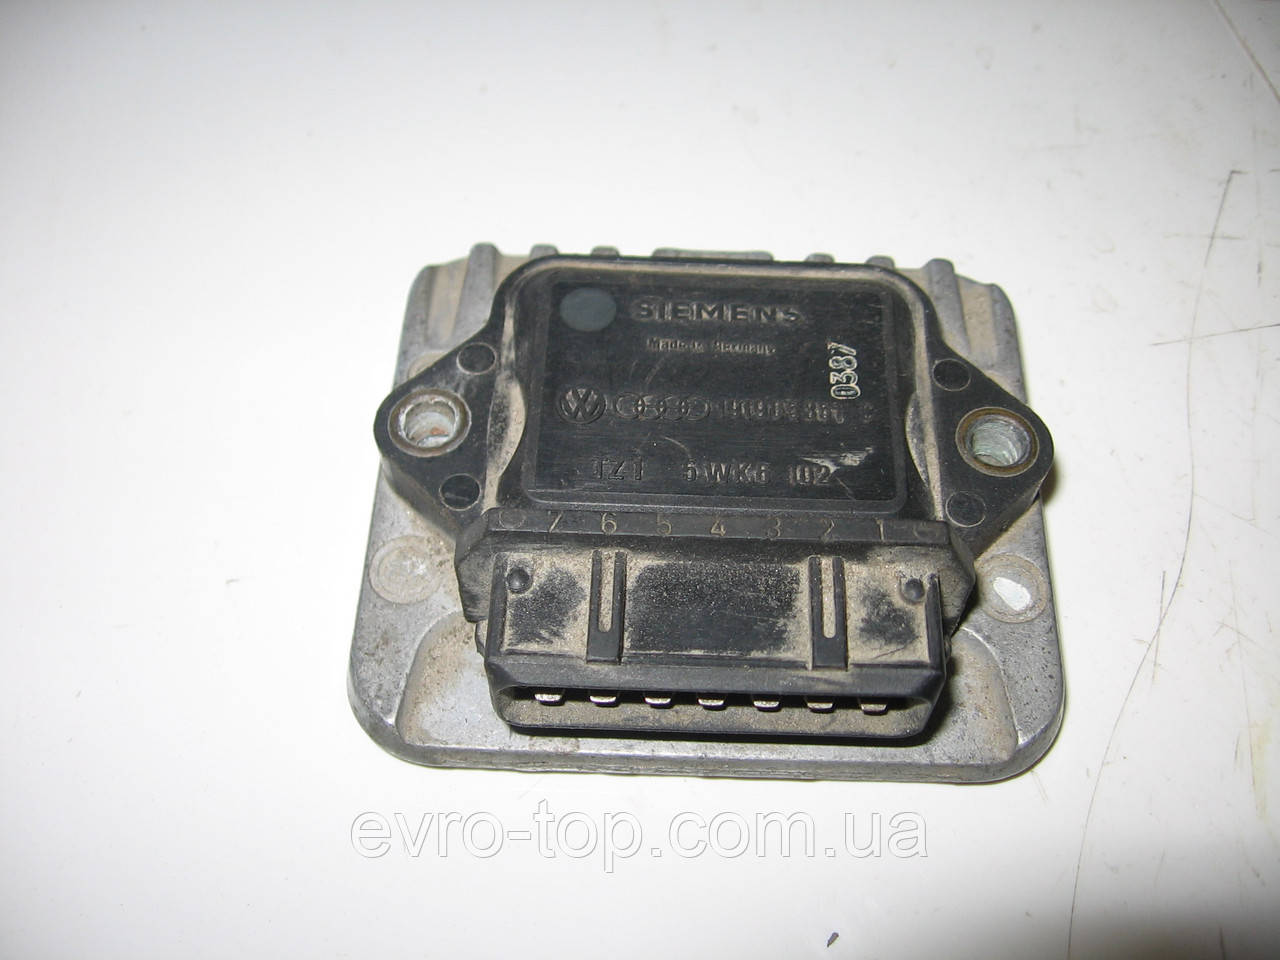 Блок управления системой зажигания (комутатор) 191905351C на VW: Caddy, Golf 2, Jetta 2, Passat, Polo, T3